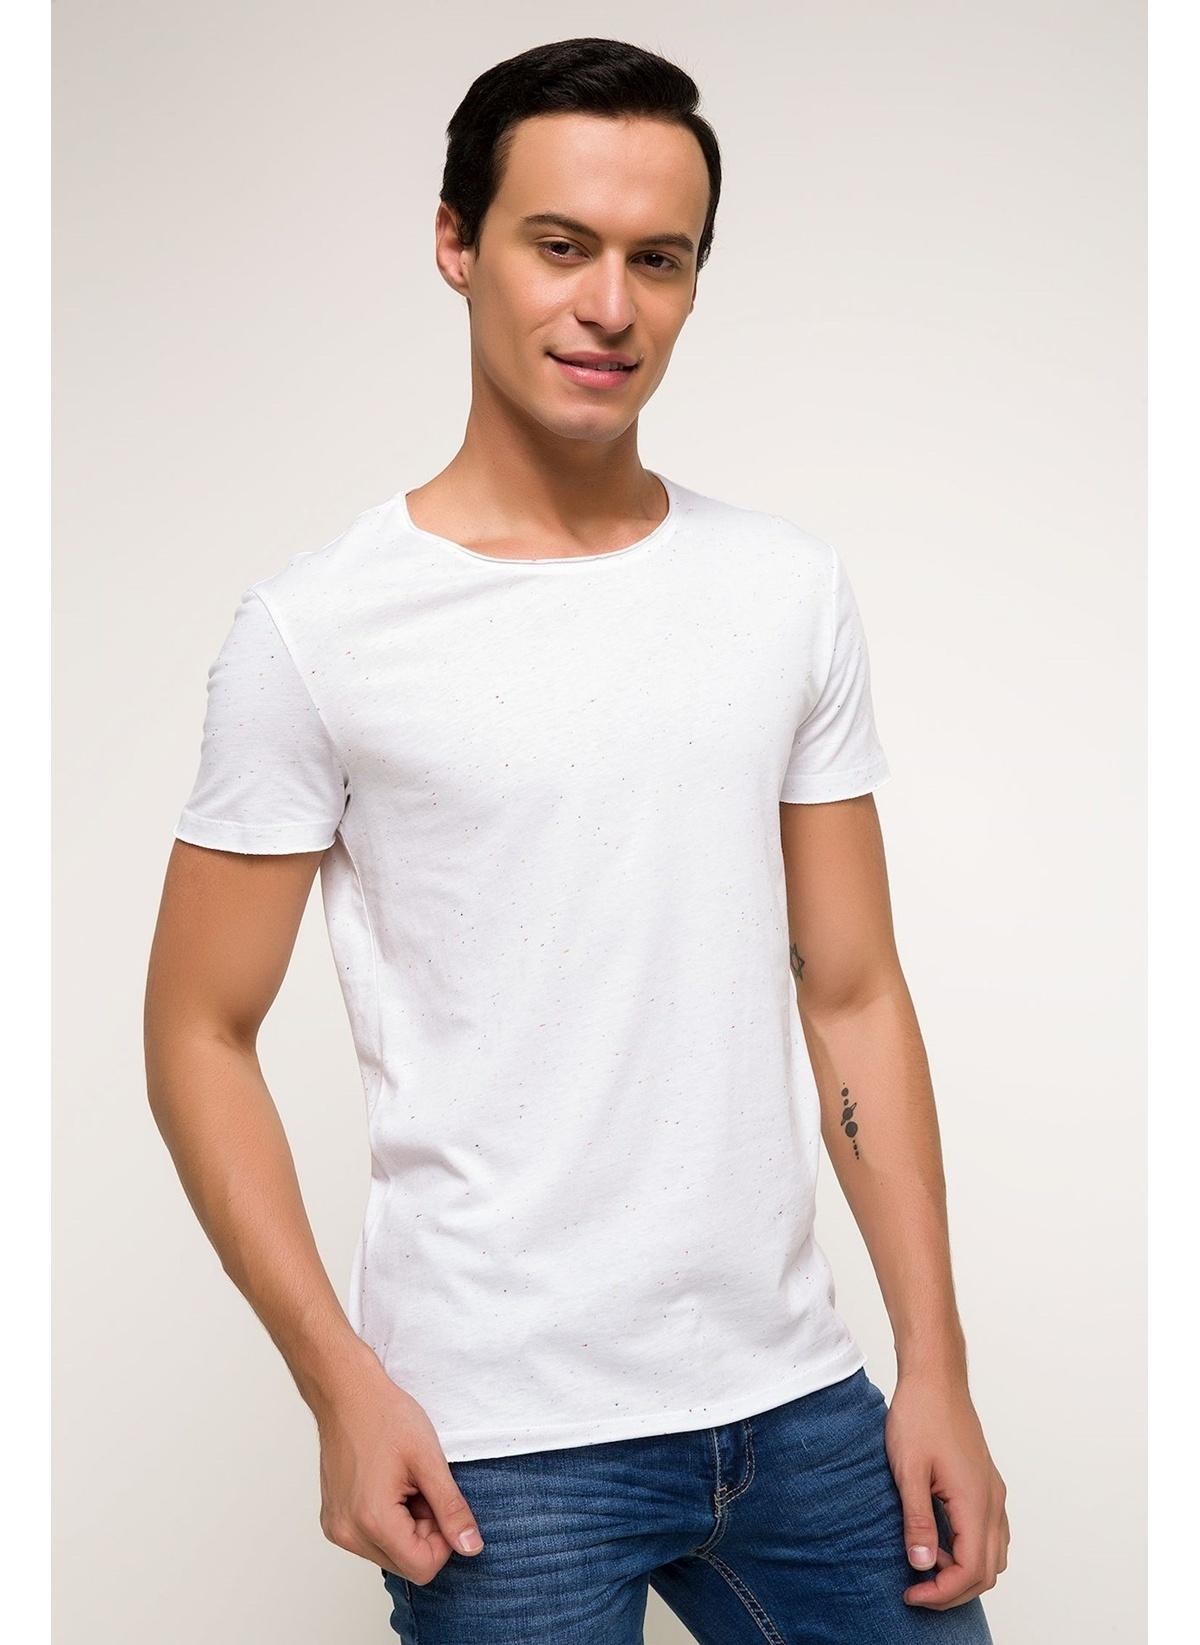 Defacto Tişört H0018az18smwt34t-shirt – 19.99 TL